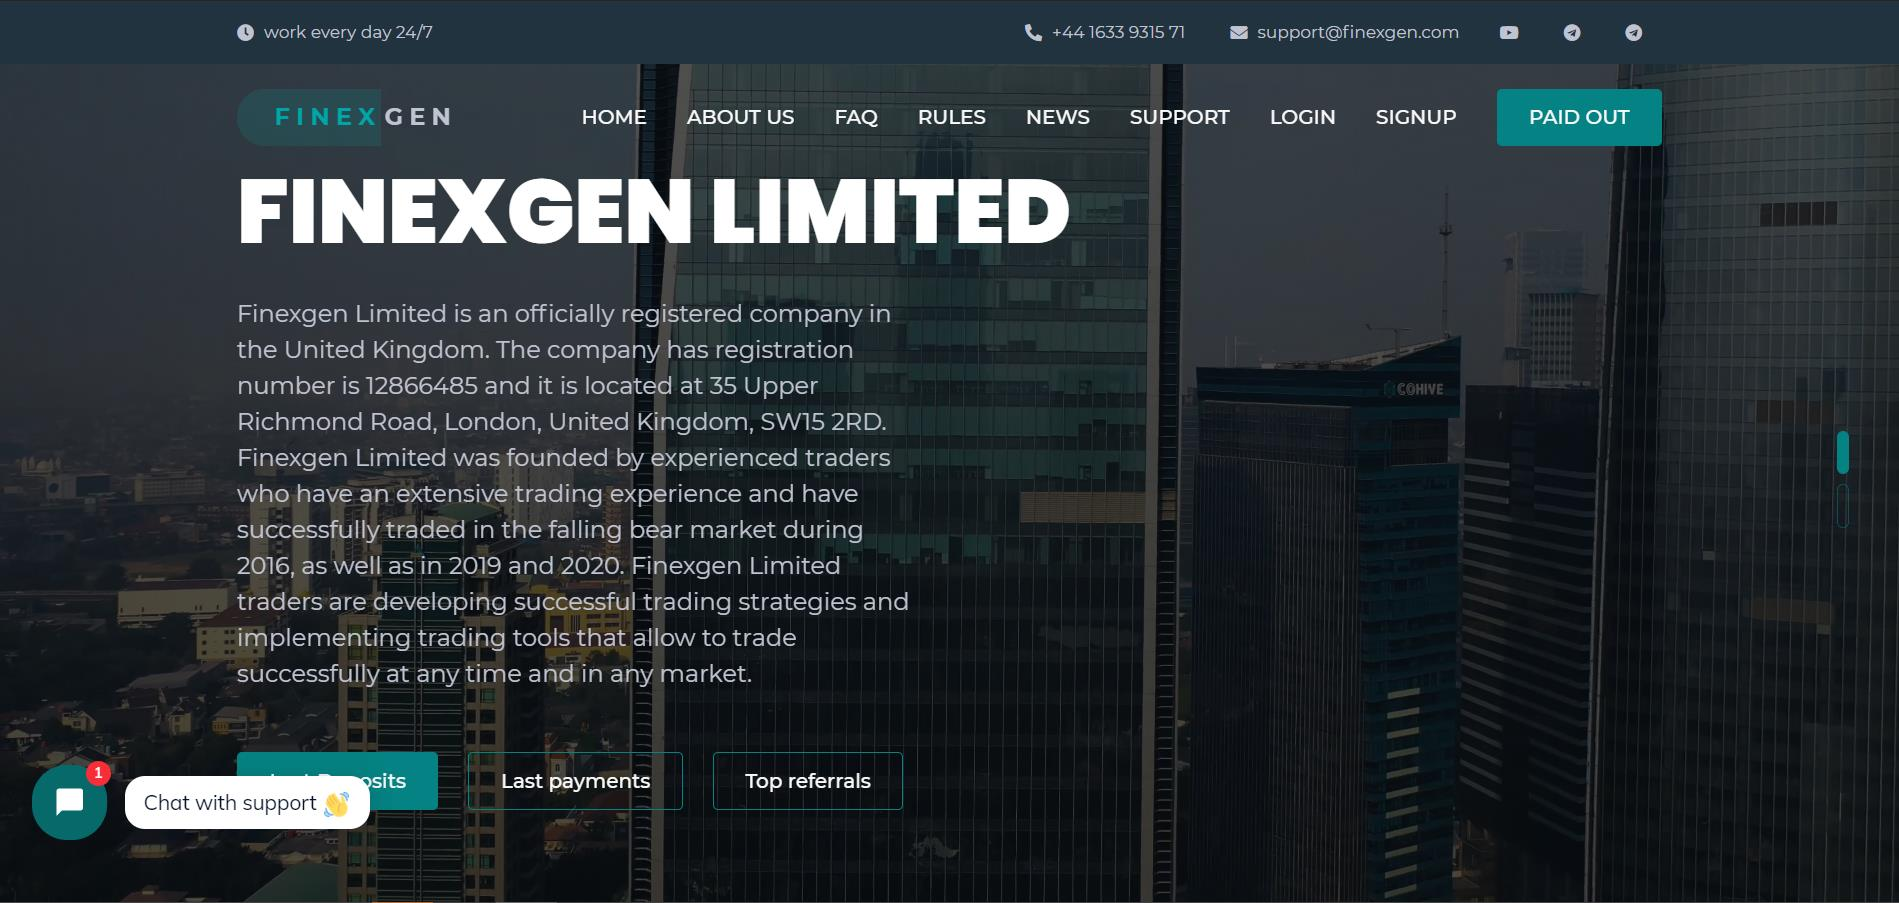 Finexgen Limited